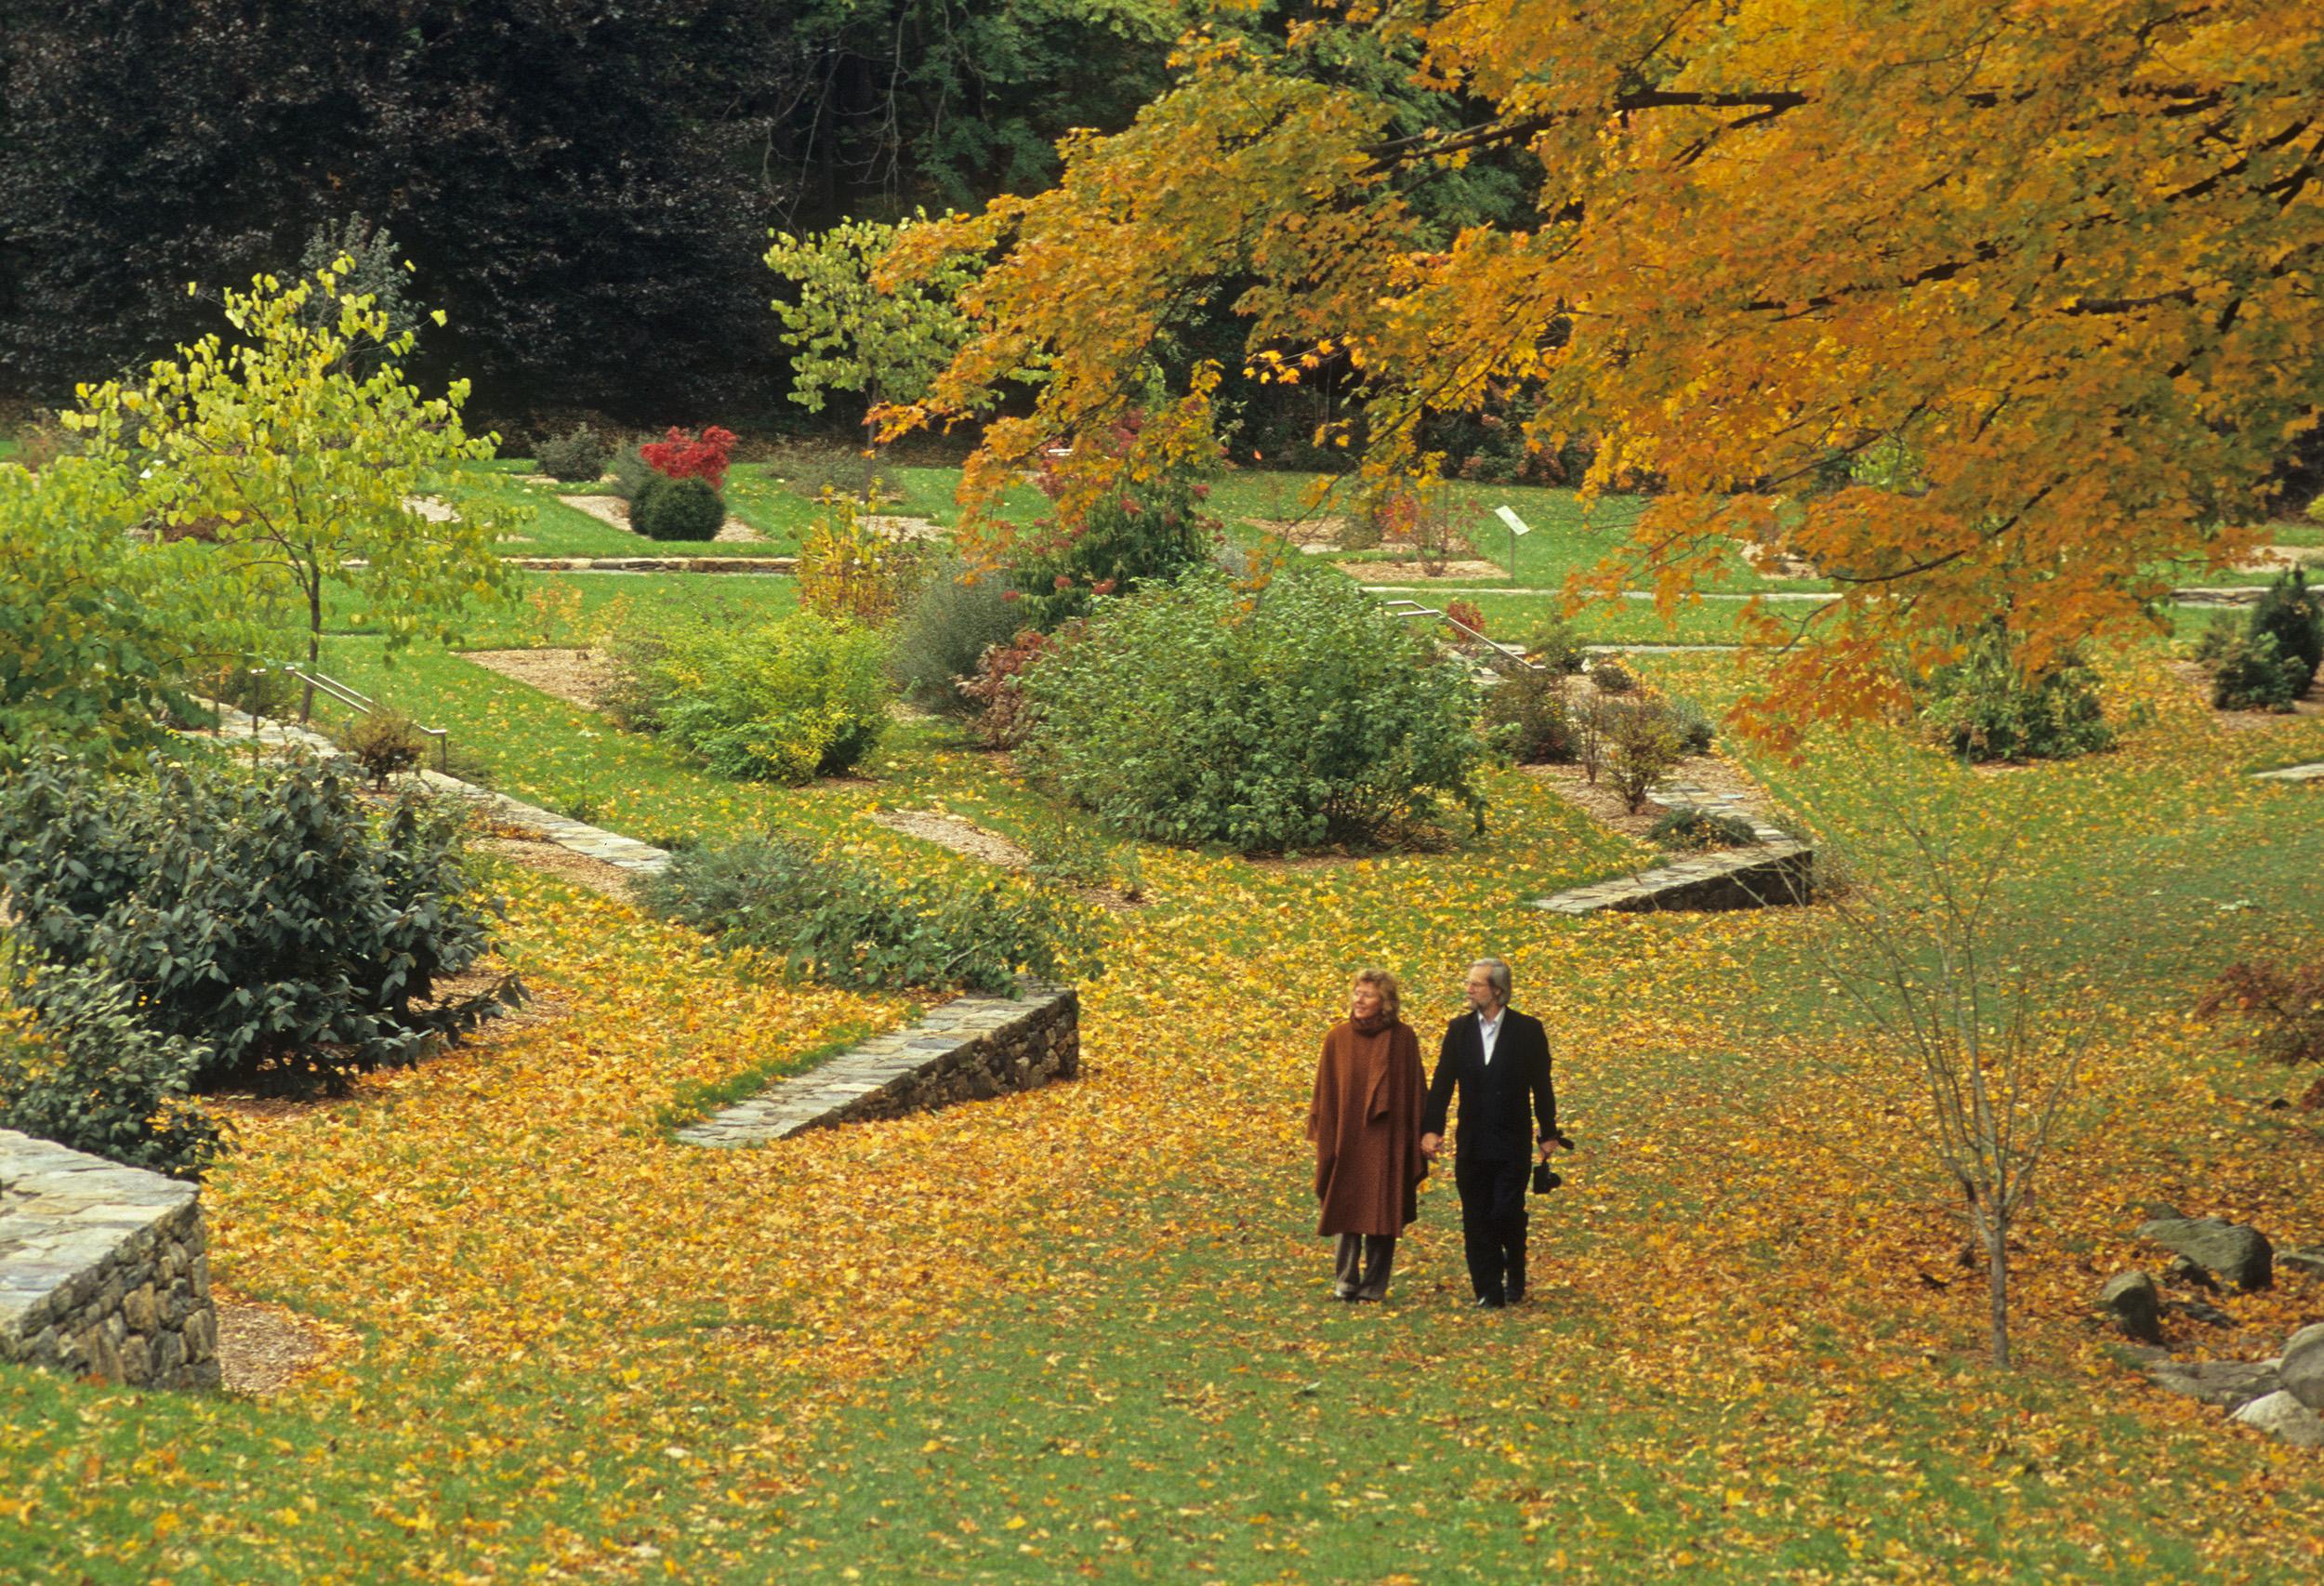 leventritt garden in autumn by Jim Harrison